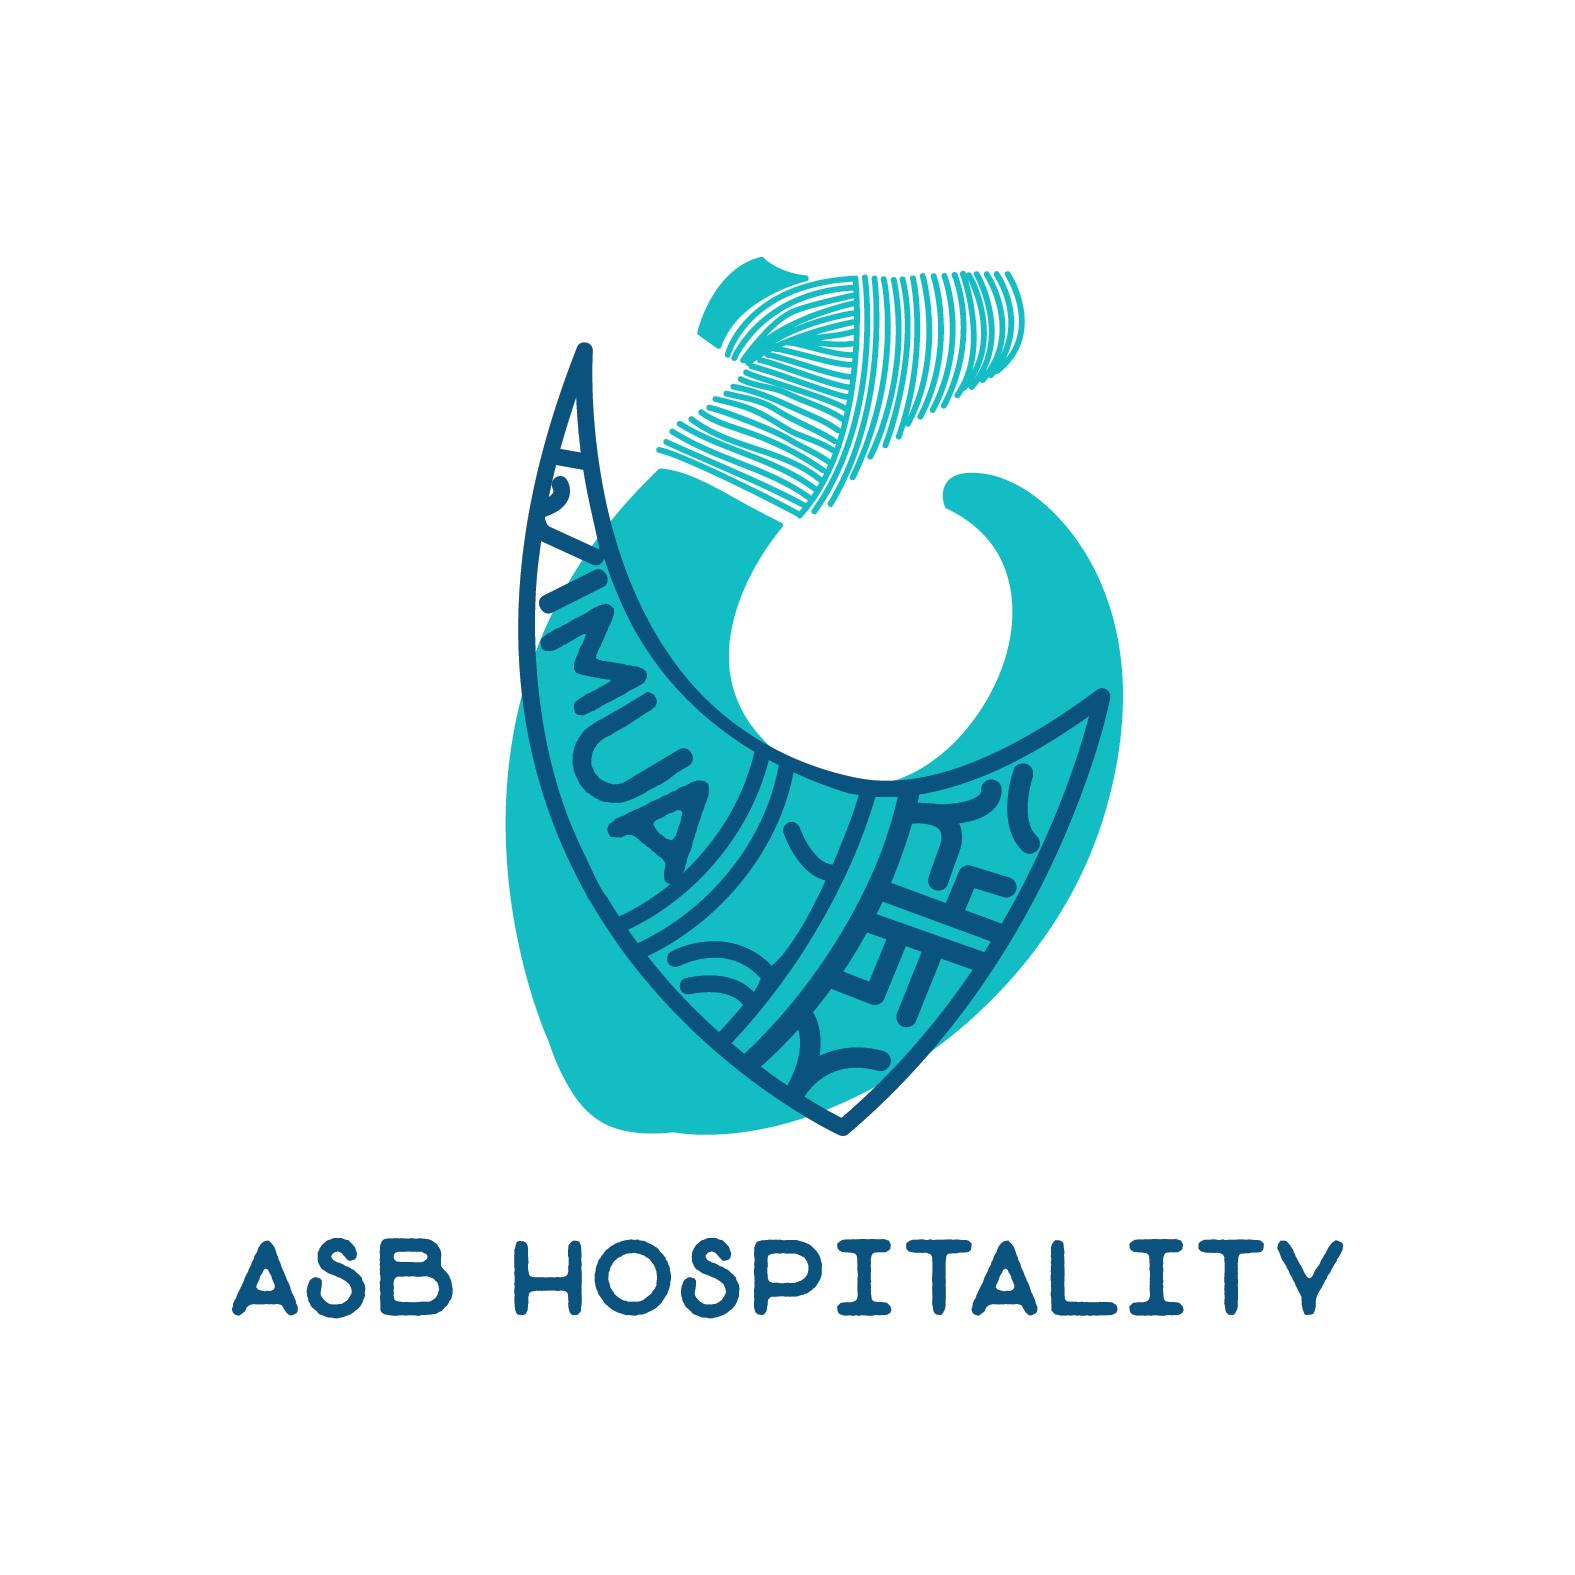 ASBHospitality_Logo-03